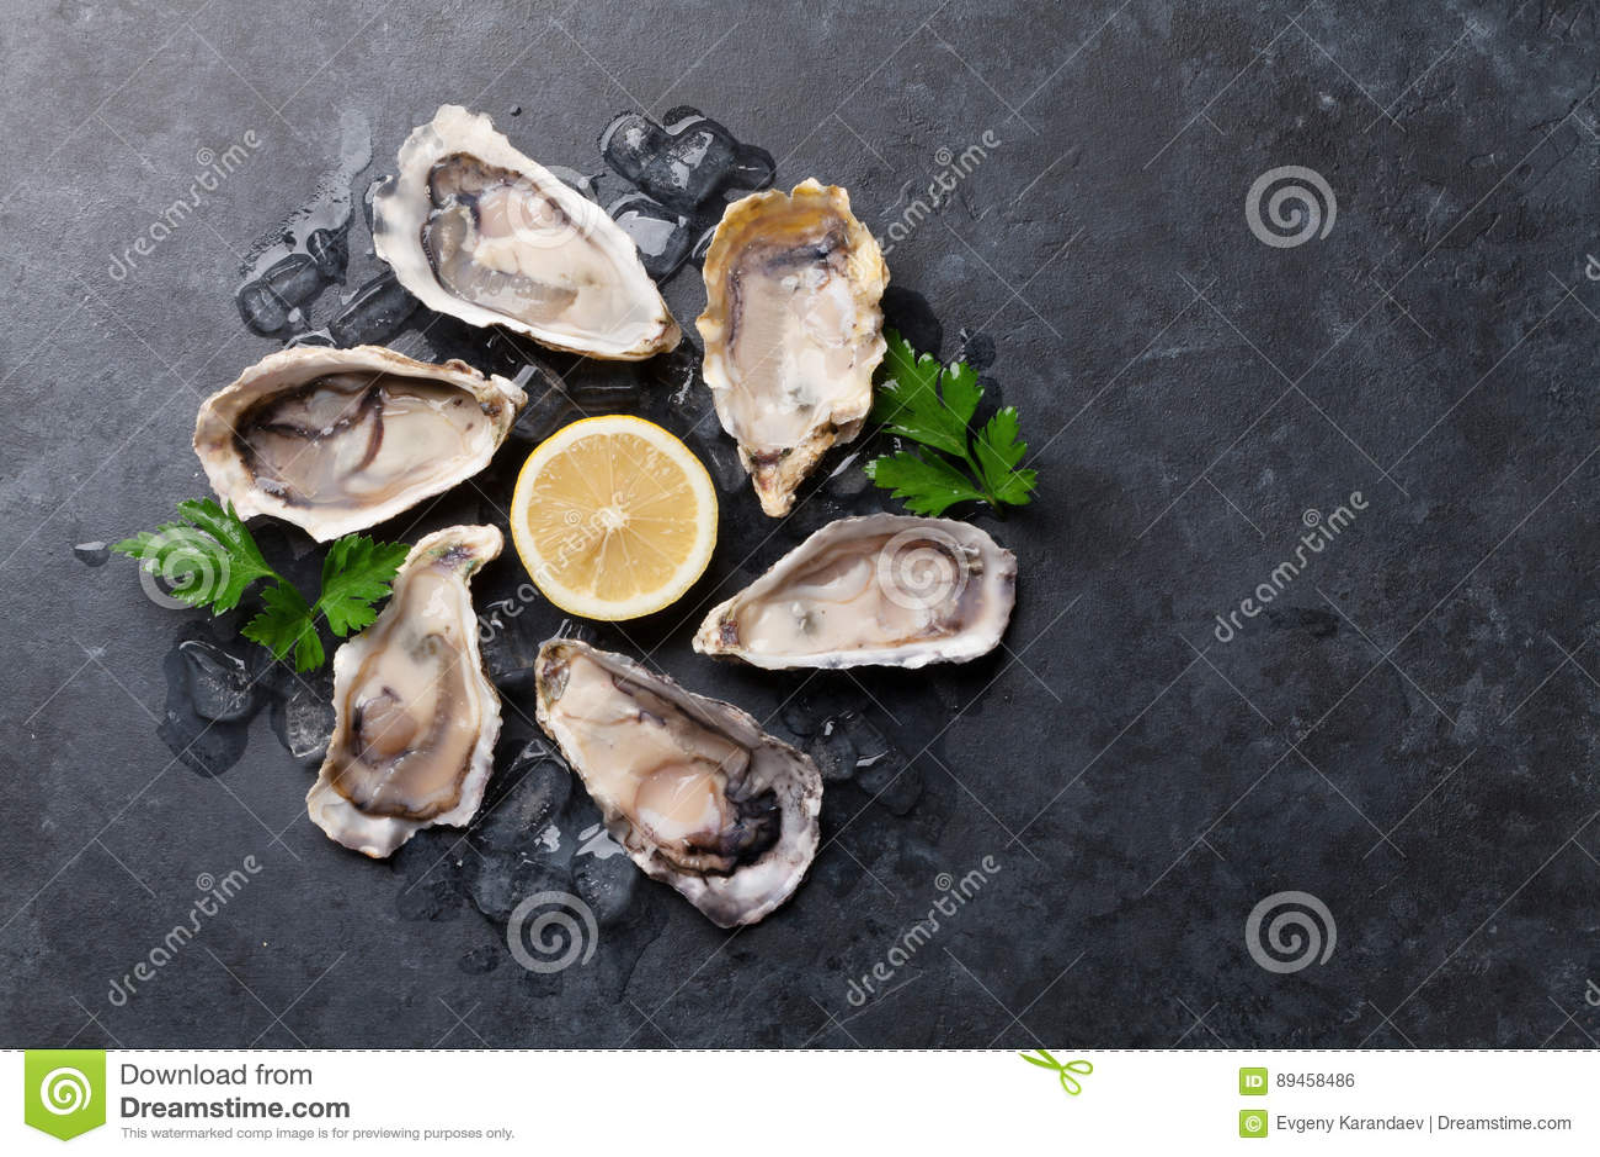 Austern und Zitrone